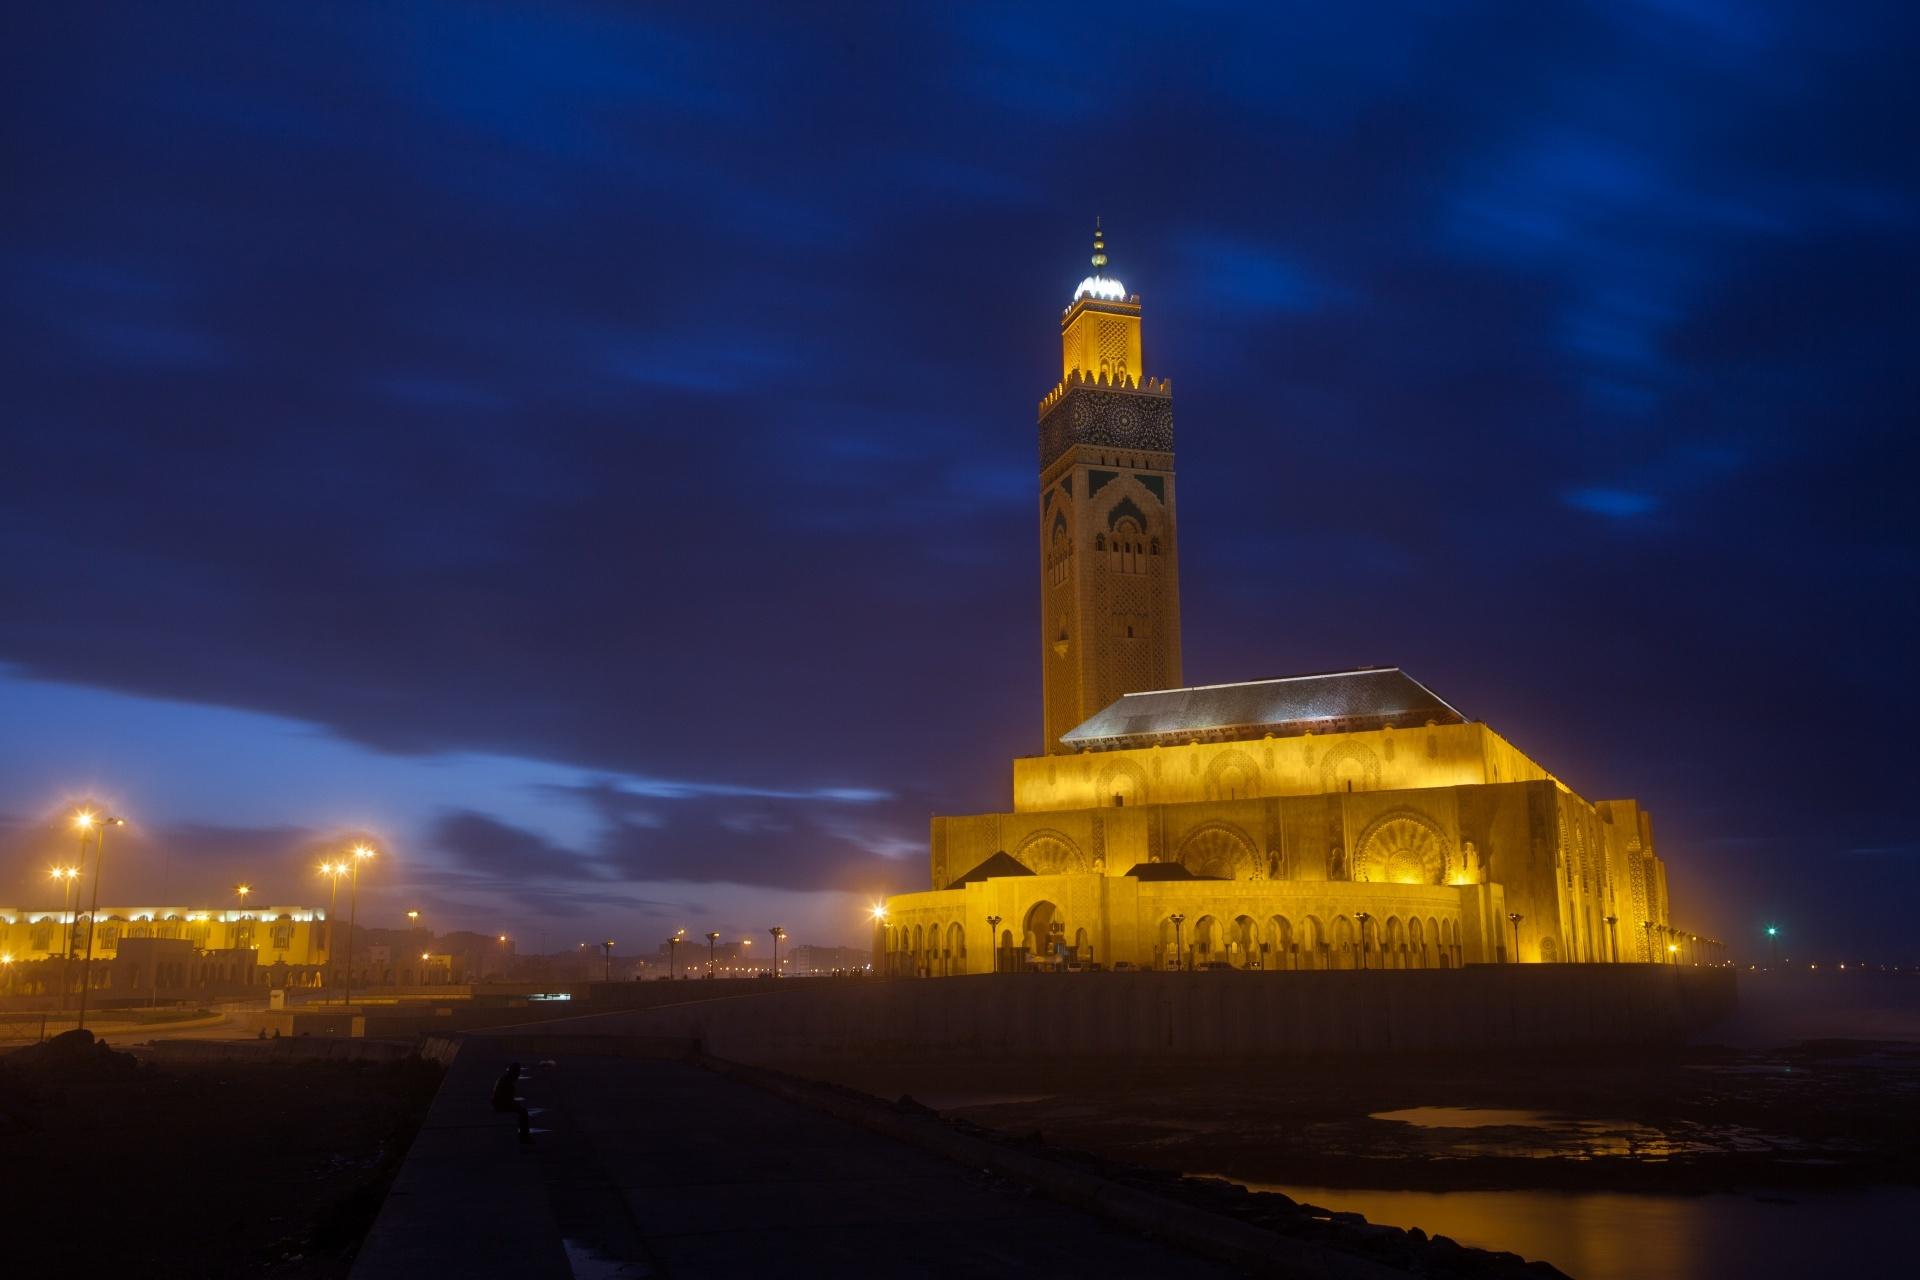 カサブランカのハッサン2世モスク 夜のモロッコ